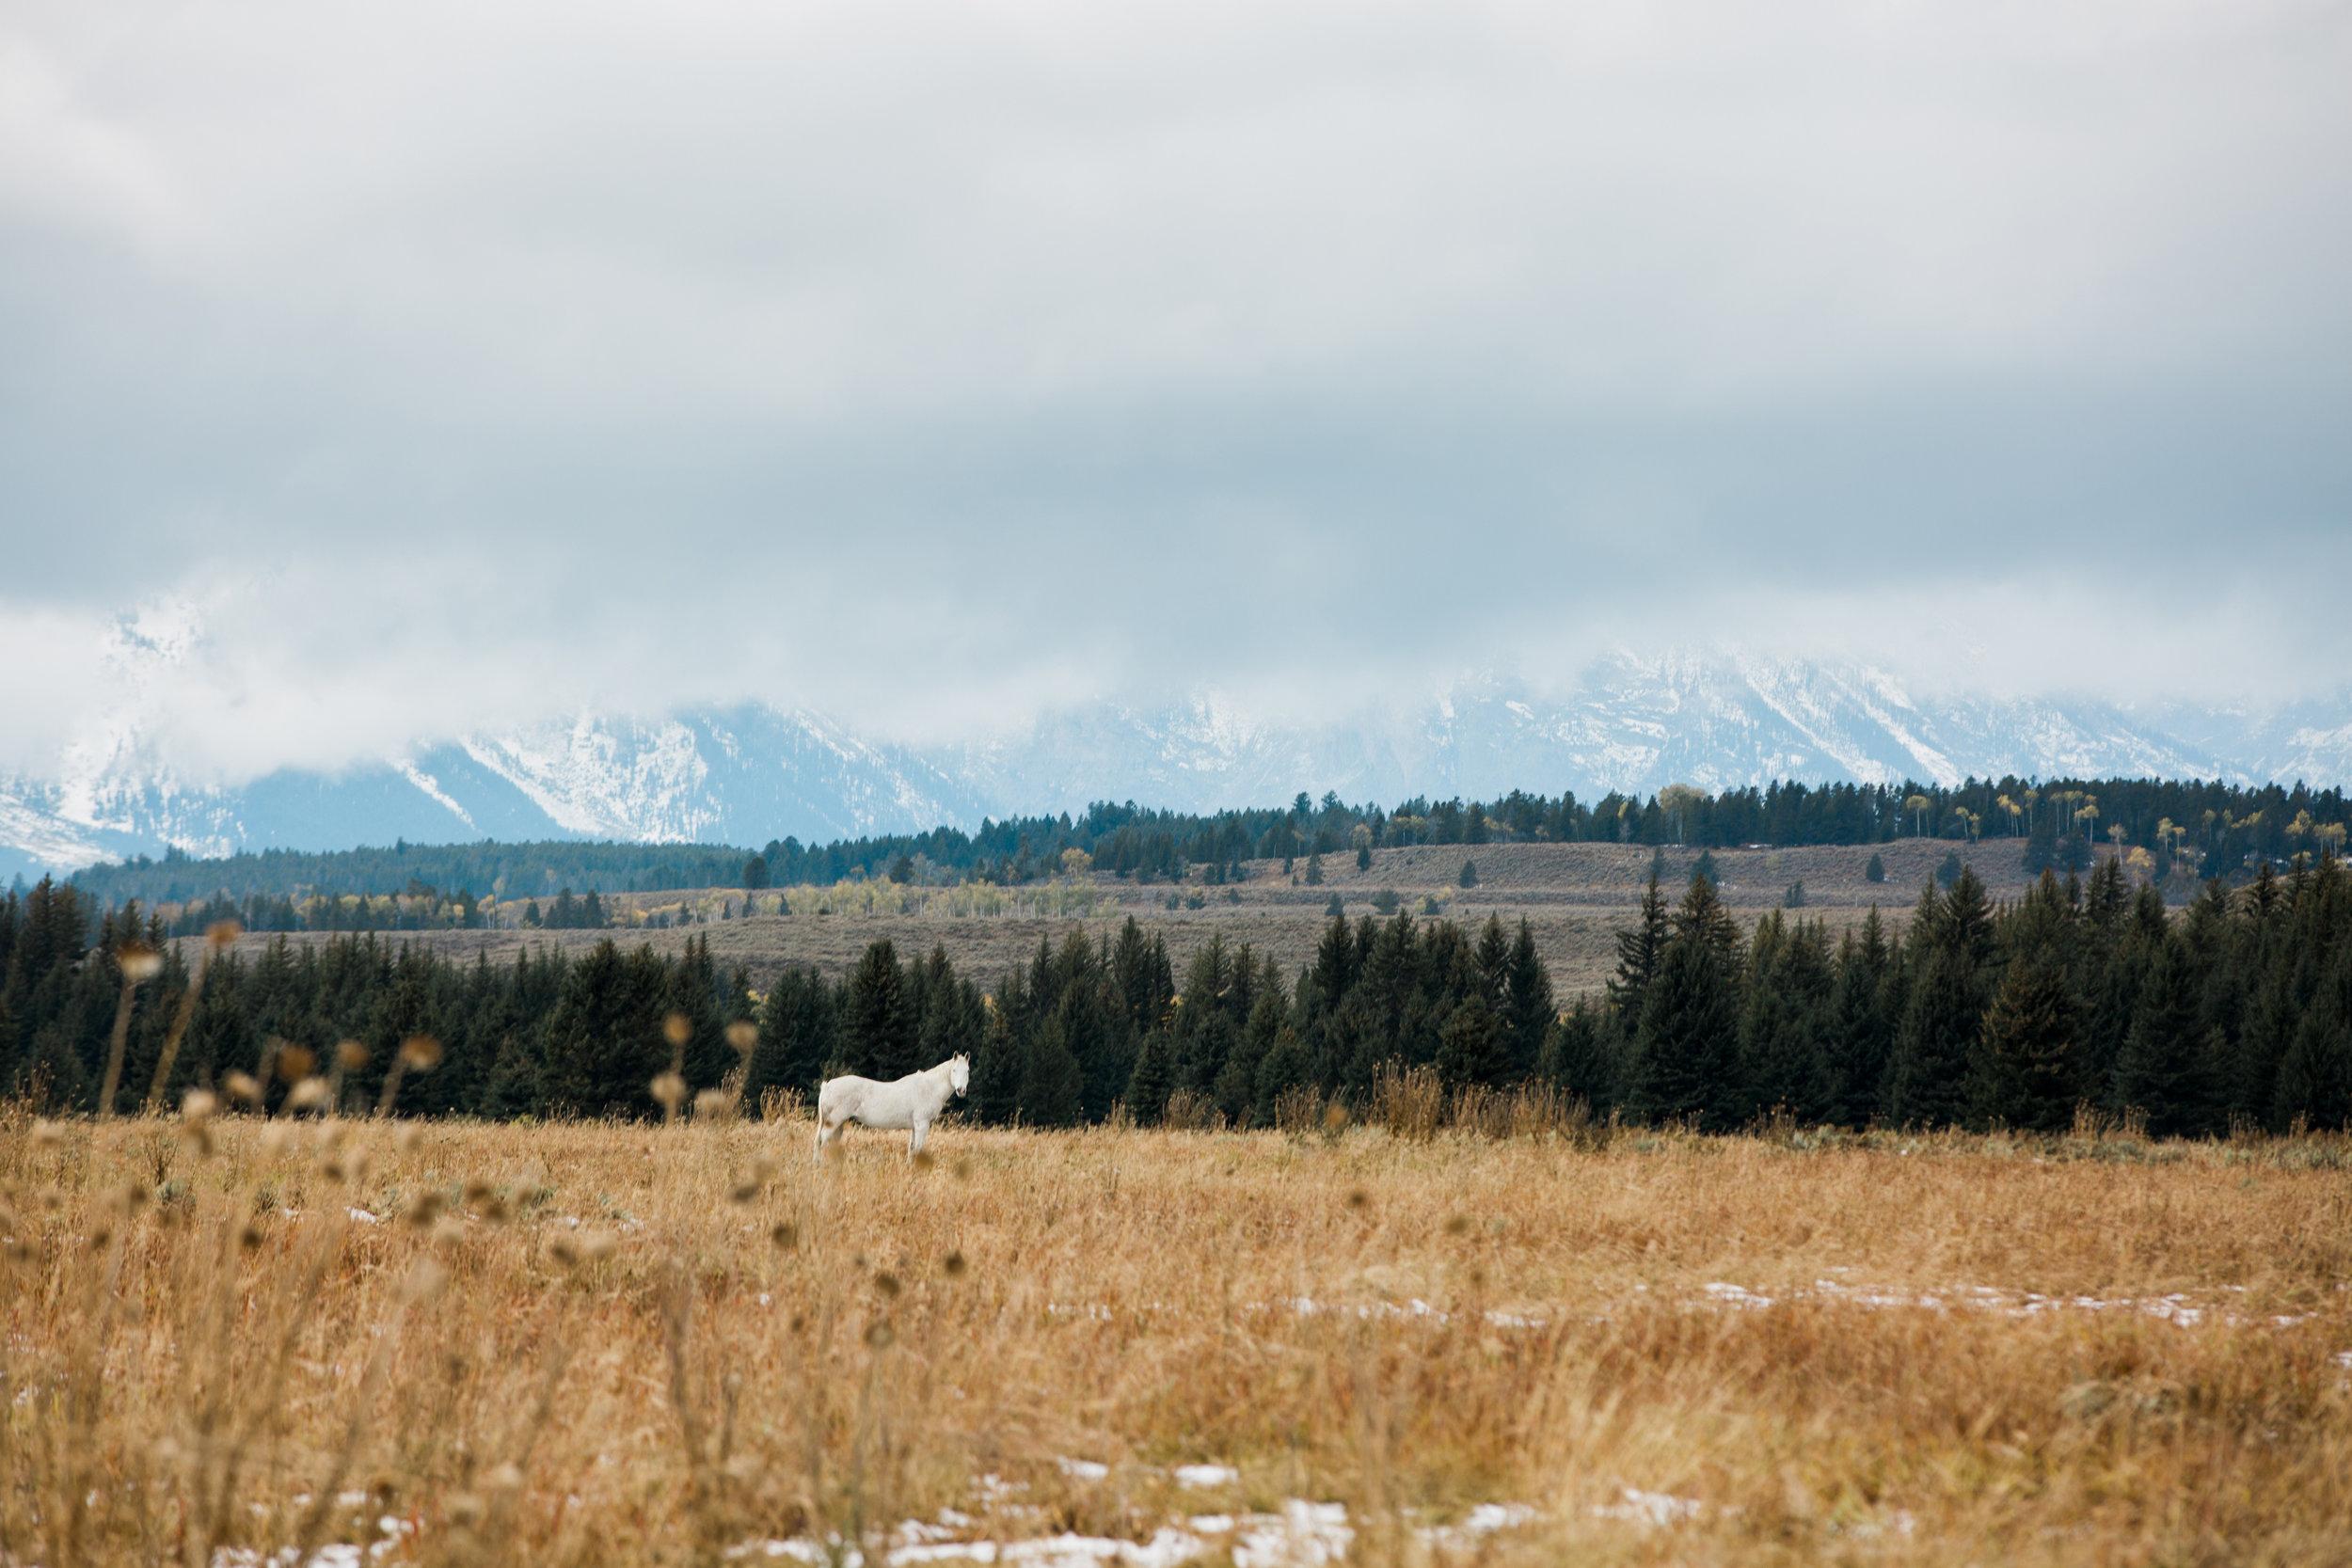 CindyGiovagnoli_Grand_Teton_National_Park_mountains_Bison_Autumn_Wyoming_Mormon_Row_aspens_fall_outdoor_photographer-008.jpg